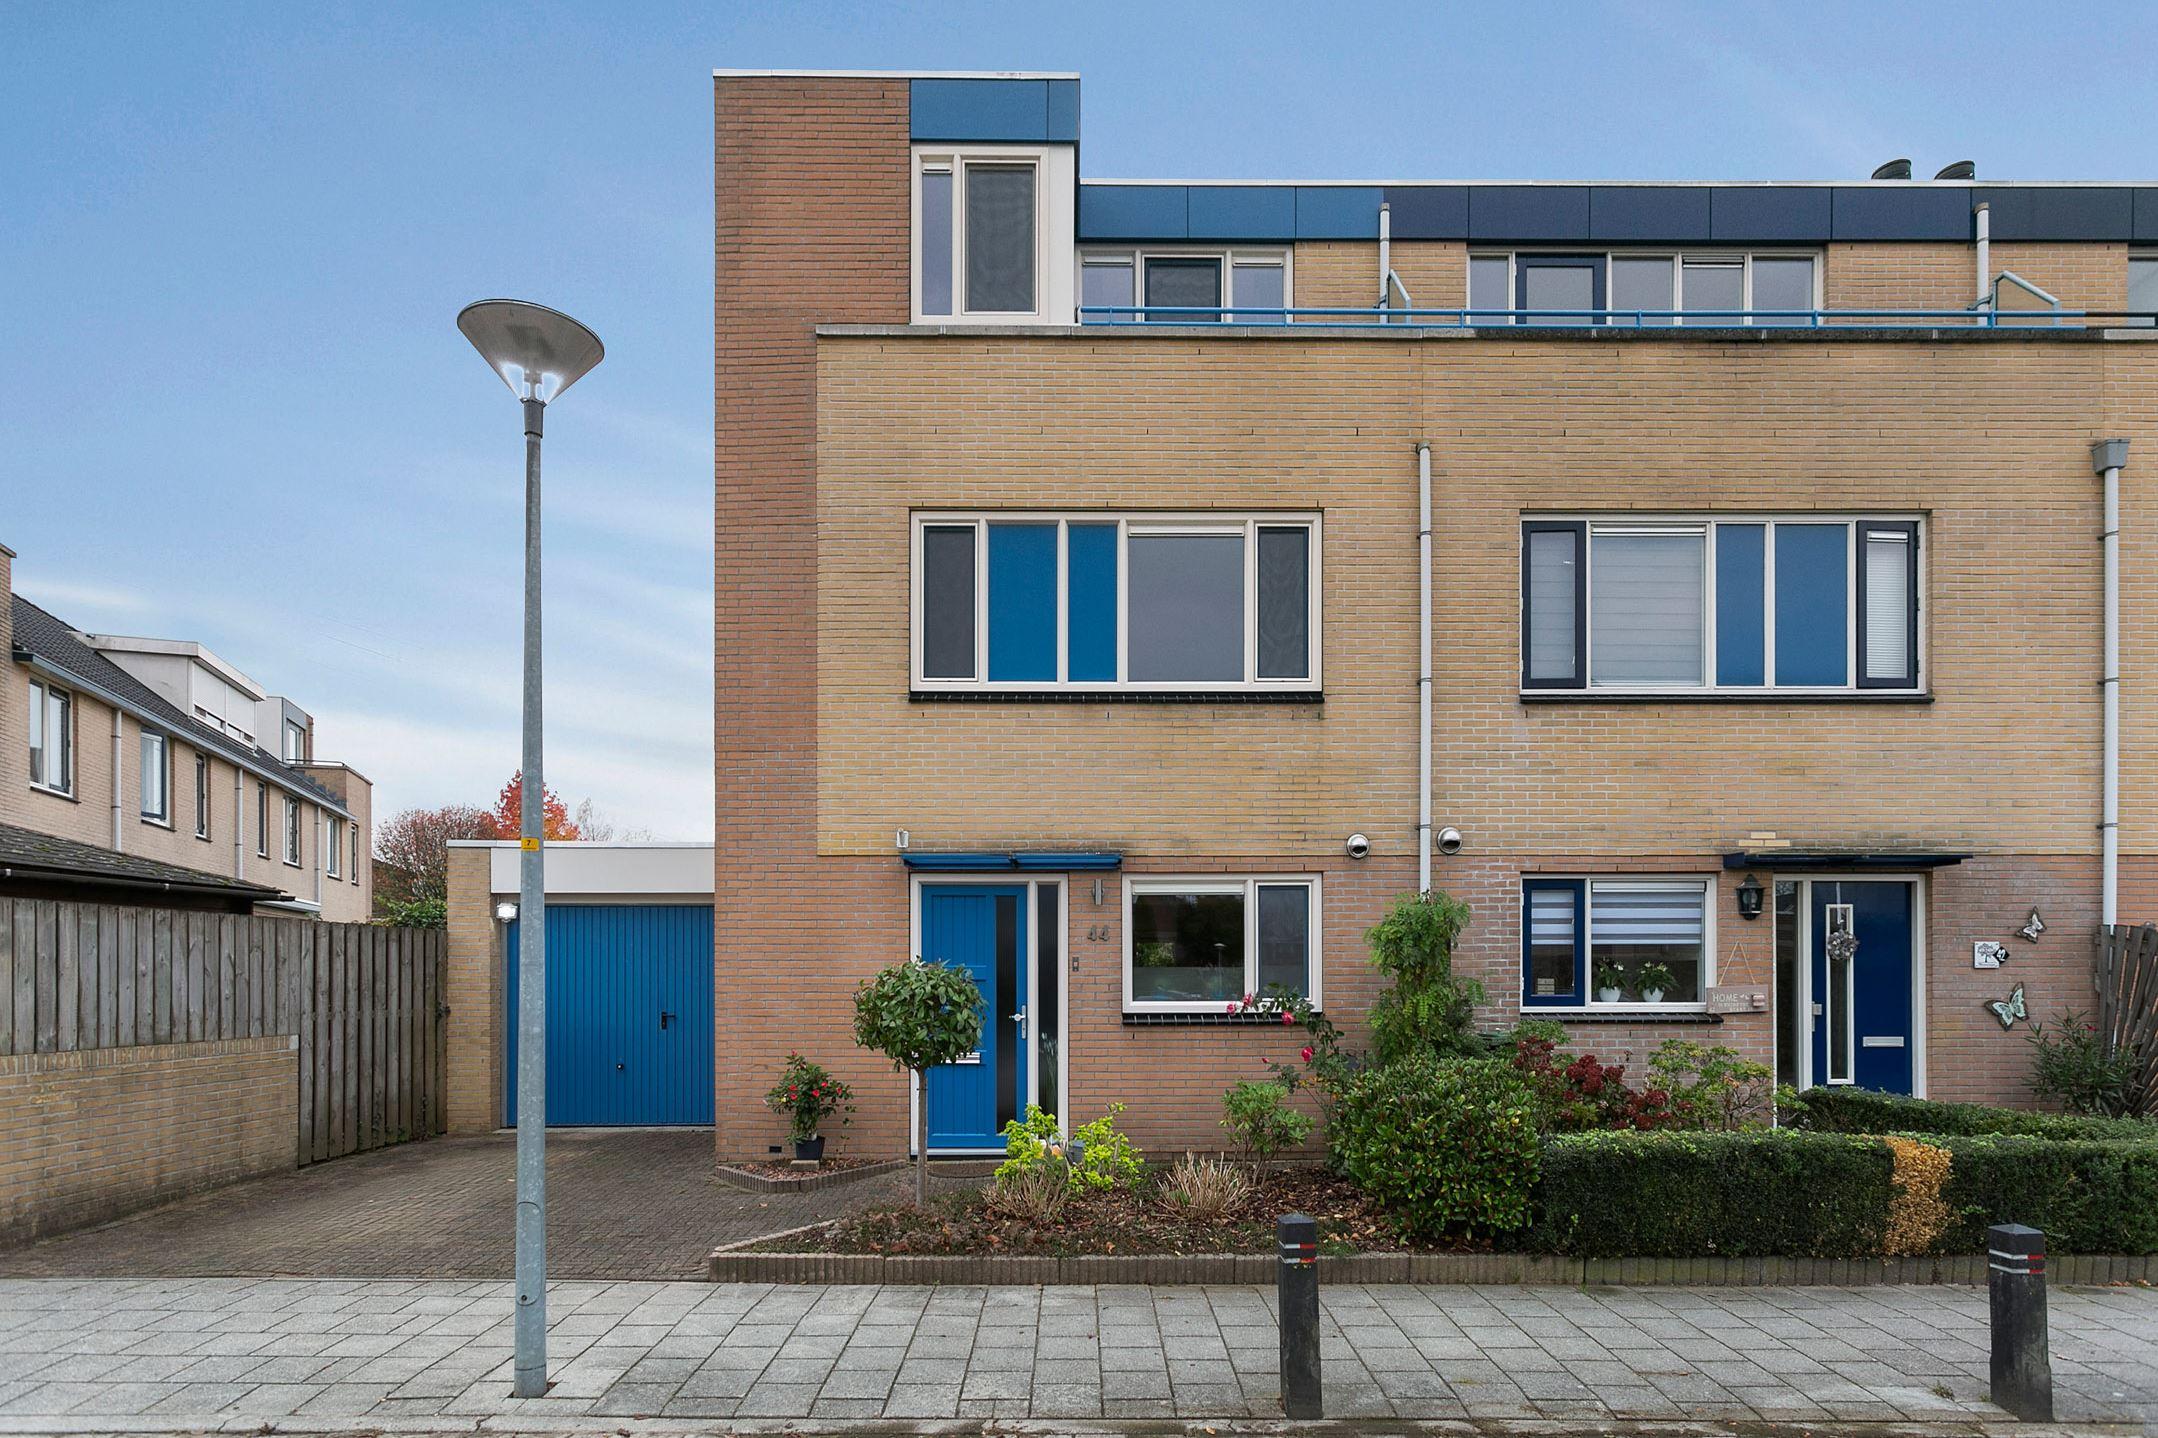 Keuken Badkamer Zutphen : Verkocht: marga klompélaan 44 7207 ka zutphen [funda]